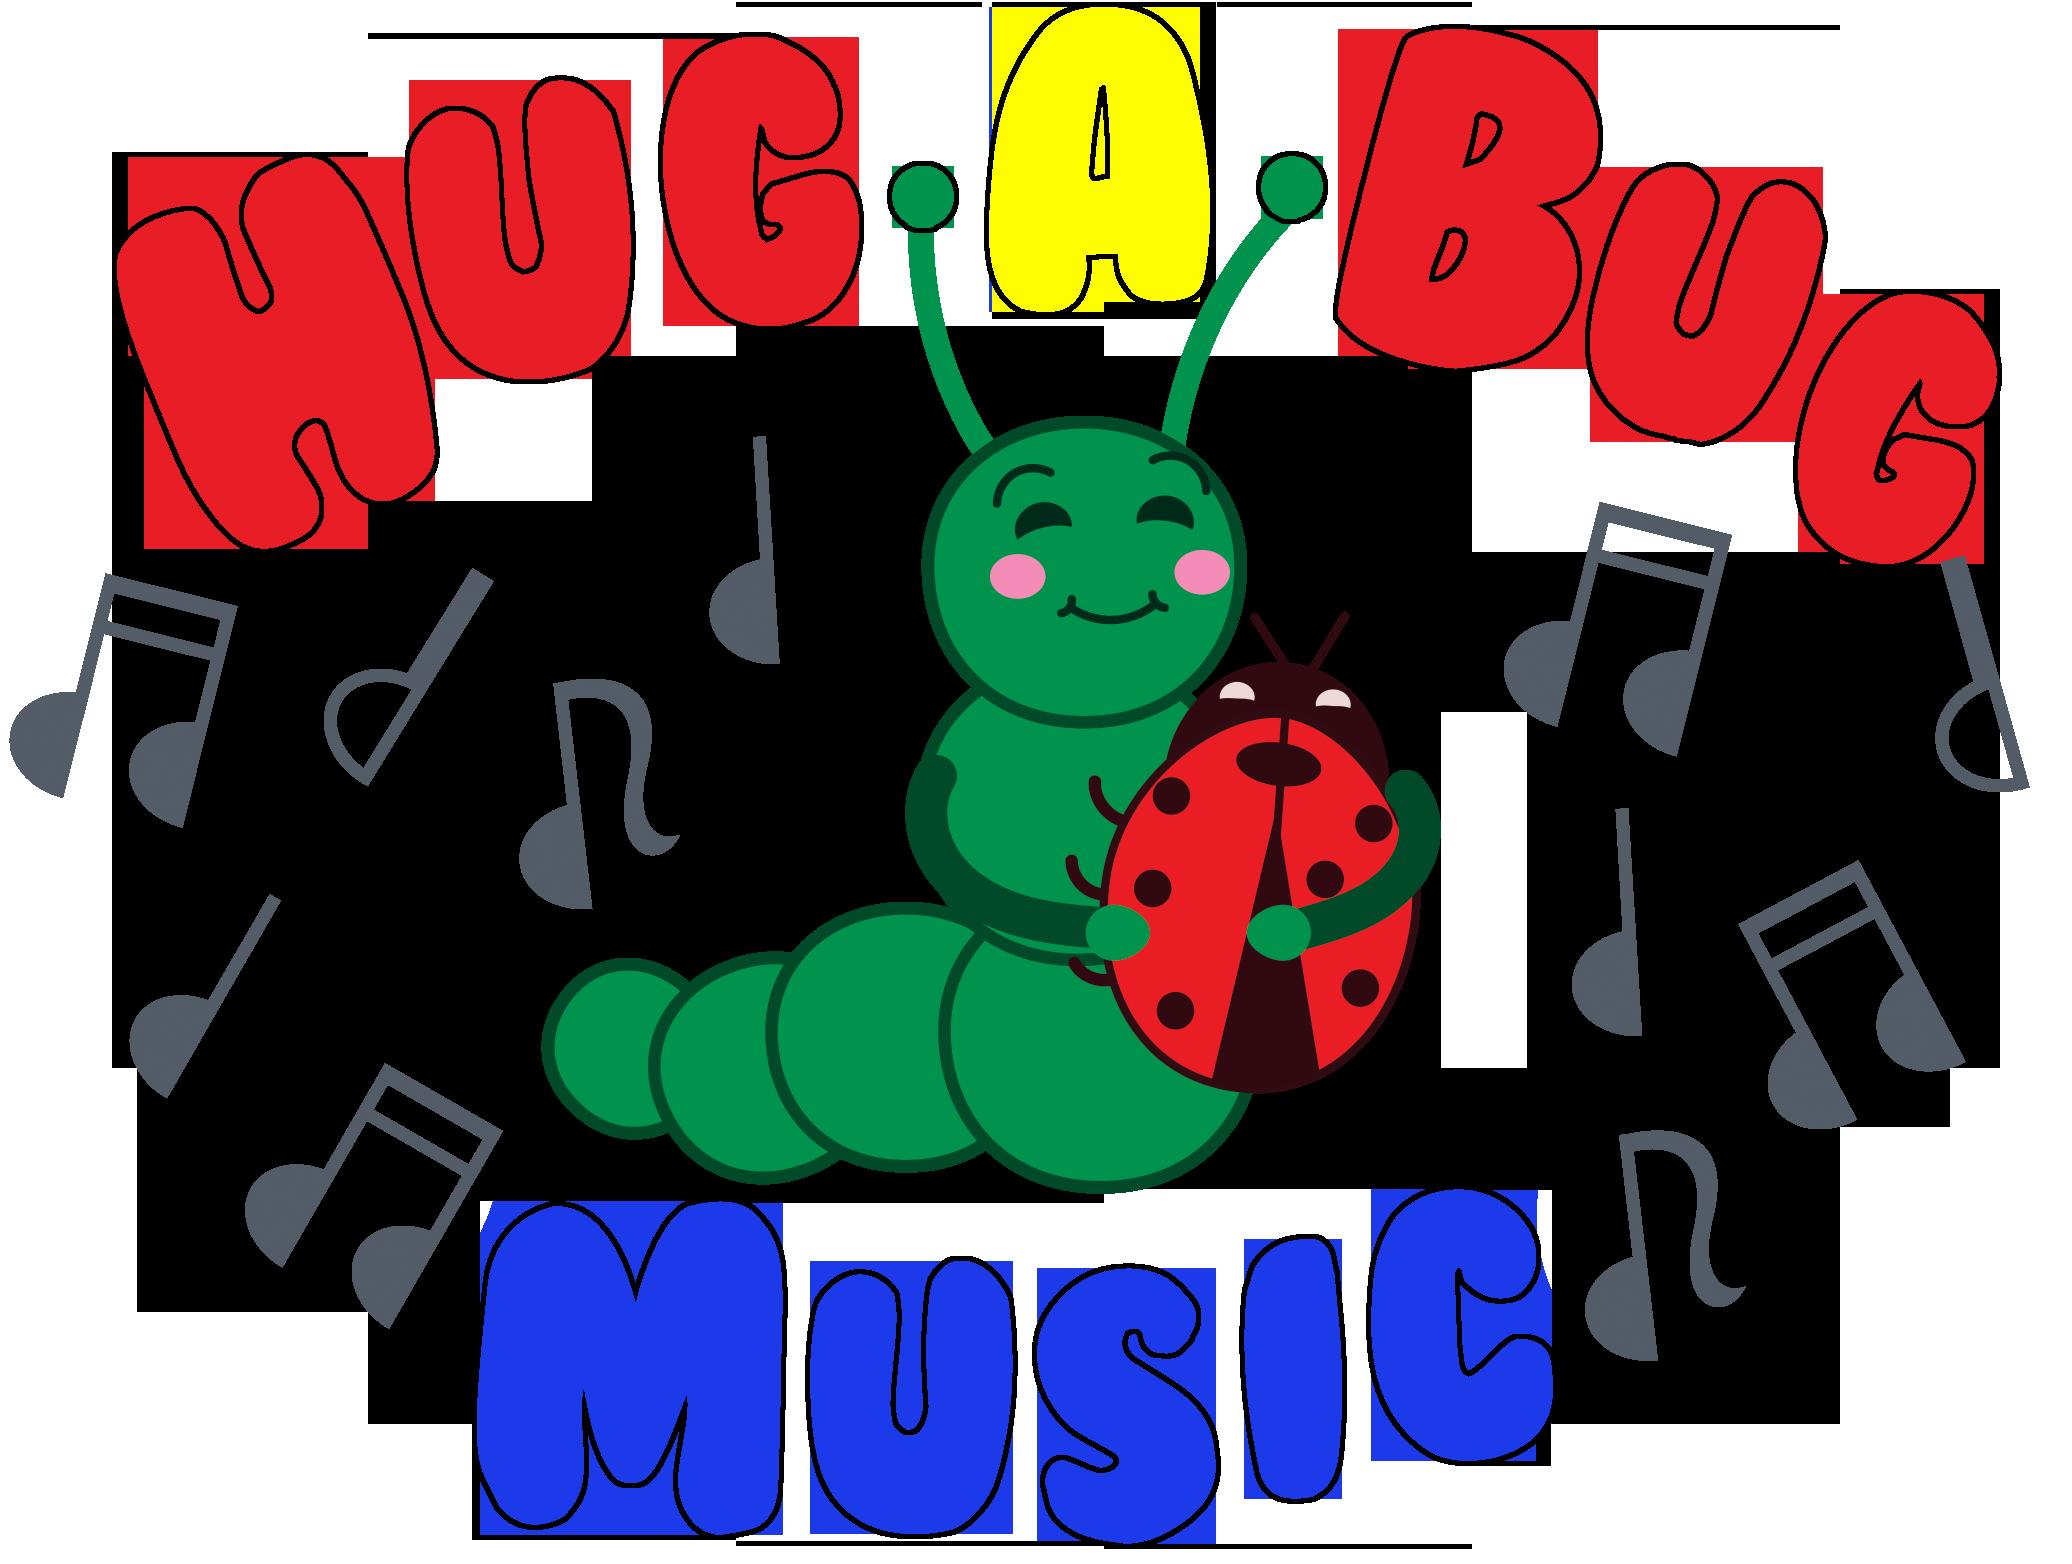 About a music hugabug. Hug clipart bug